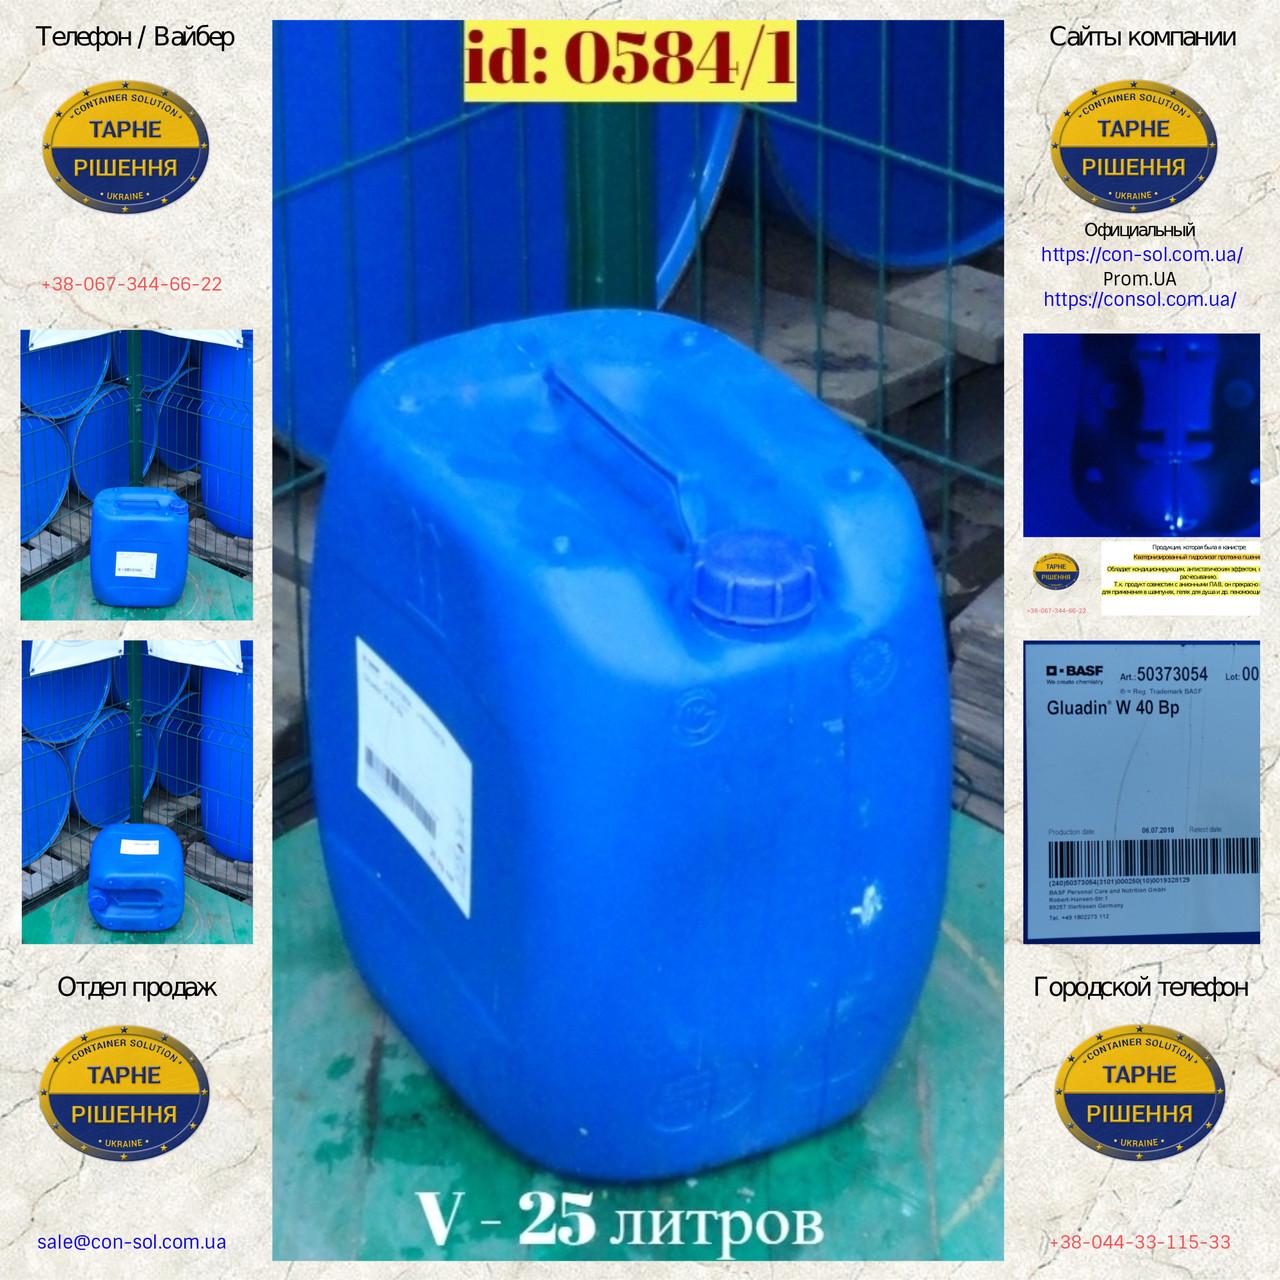 0584/1: Каністра (25 л.) б/у пластикова ✦ Кватернизированный гідролізат протеїну пшениці